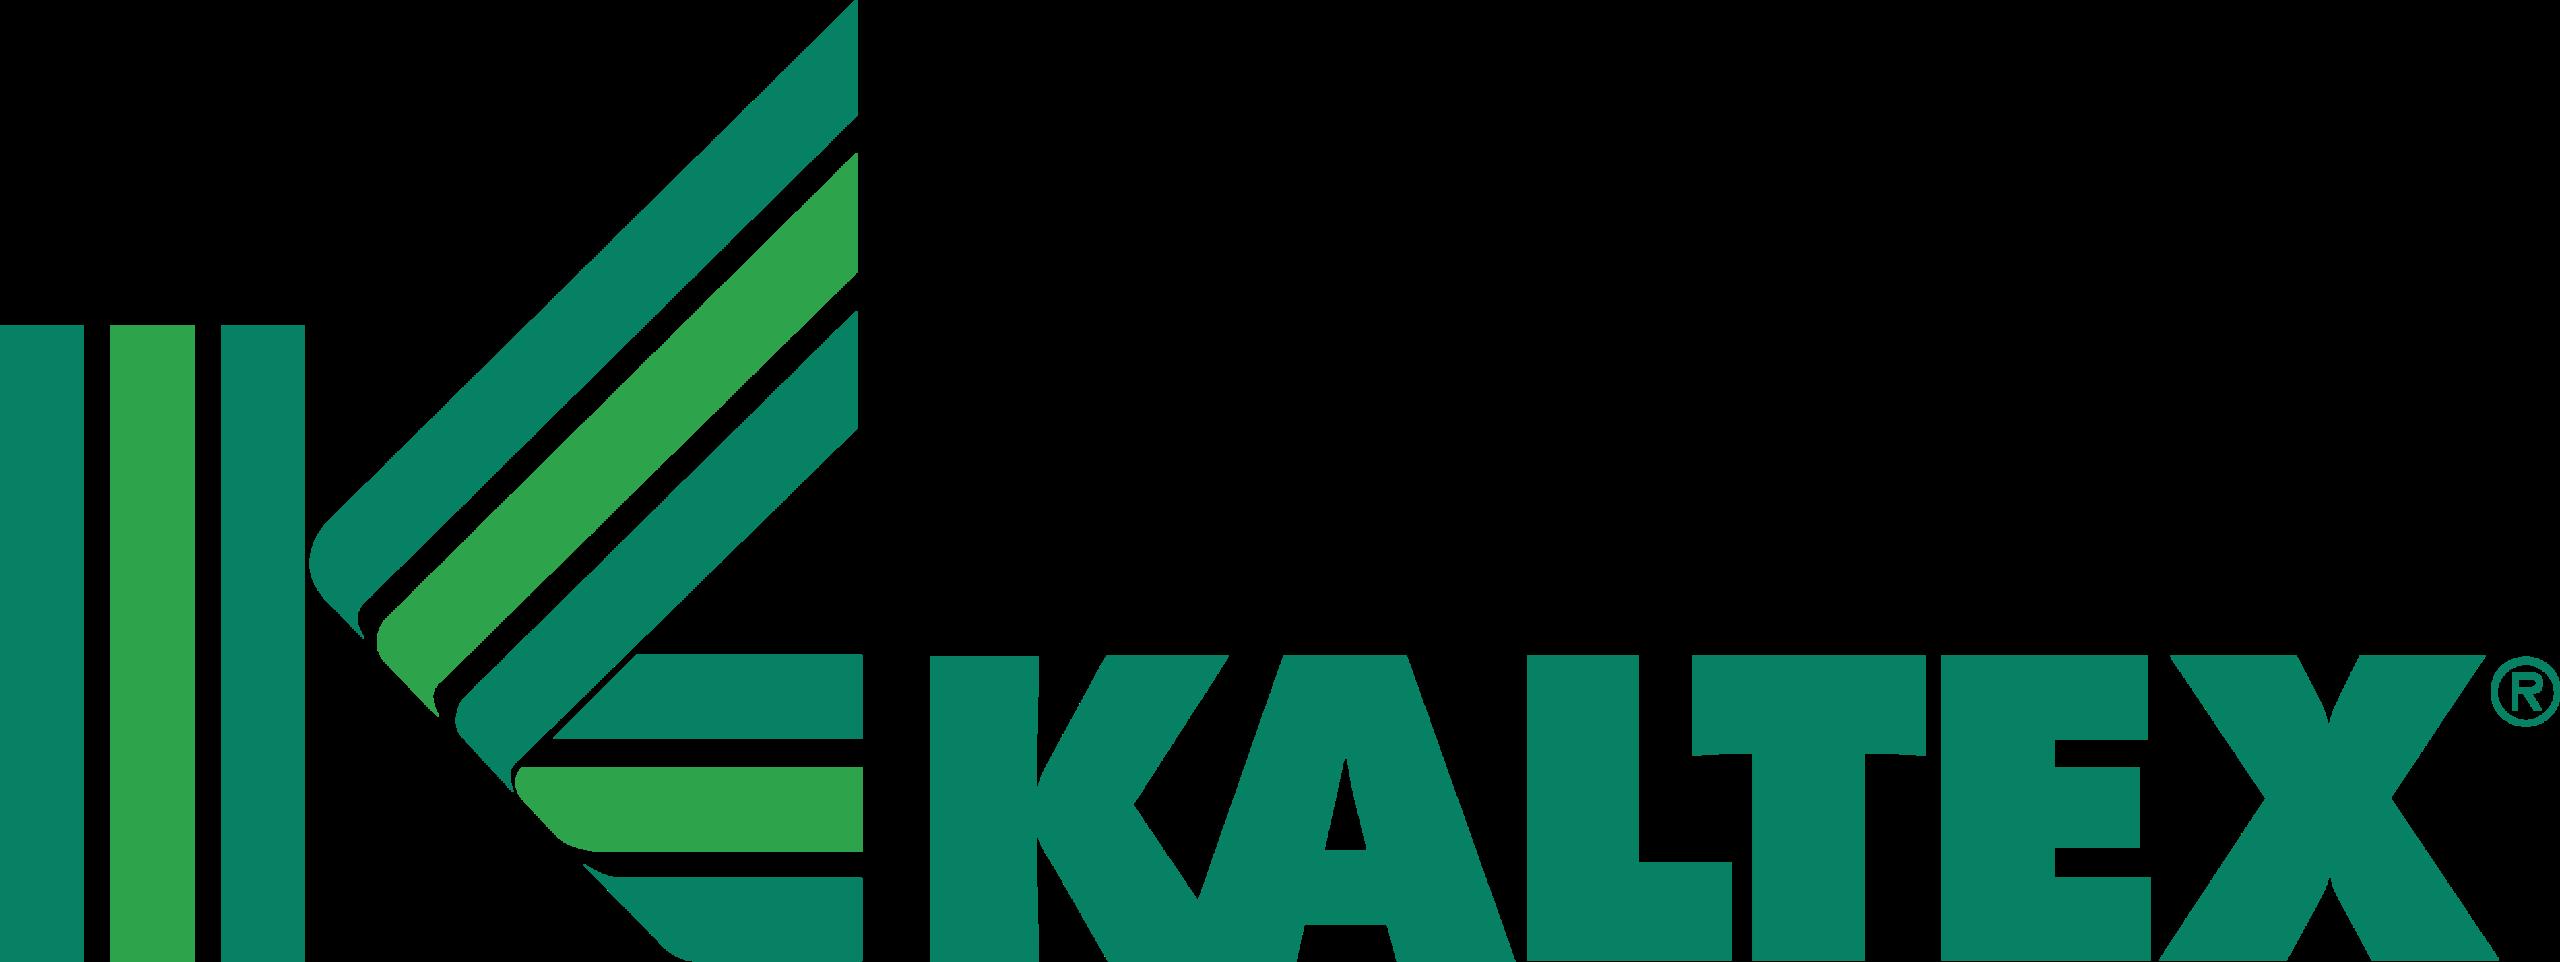 kaltex_logo.png